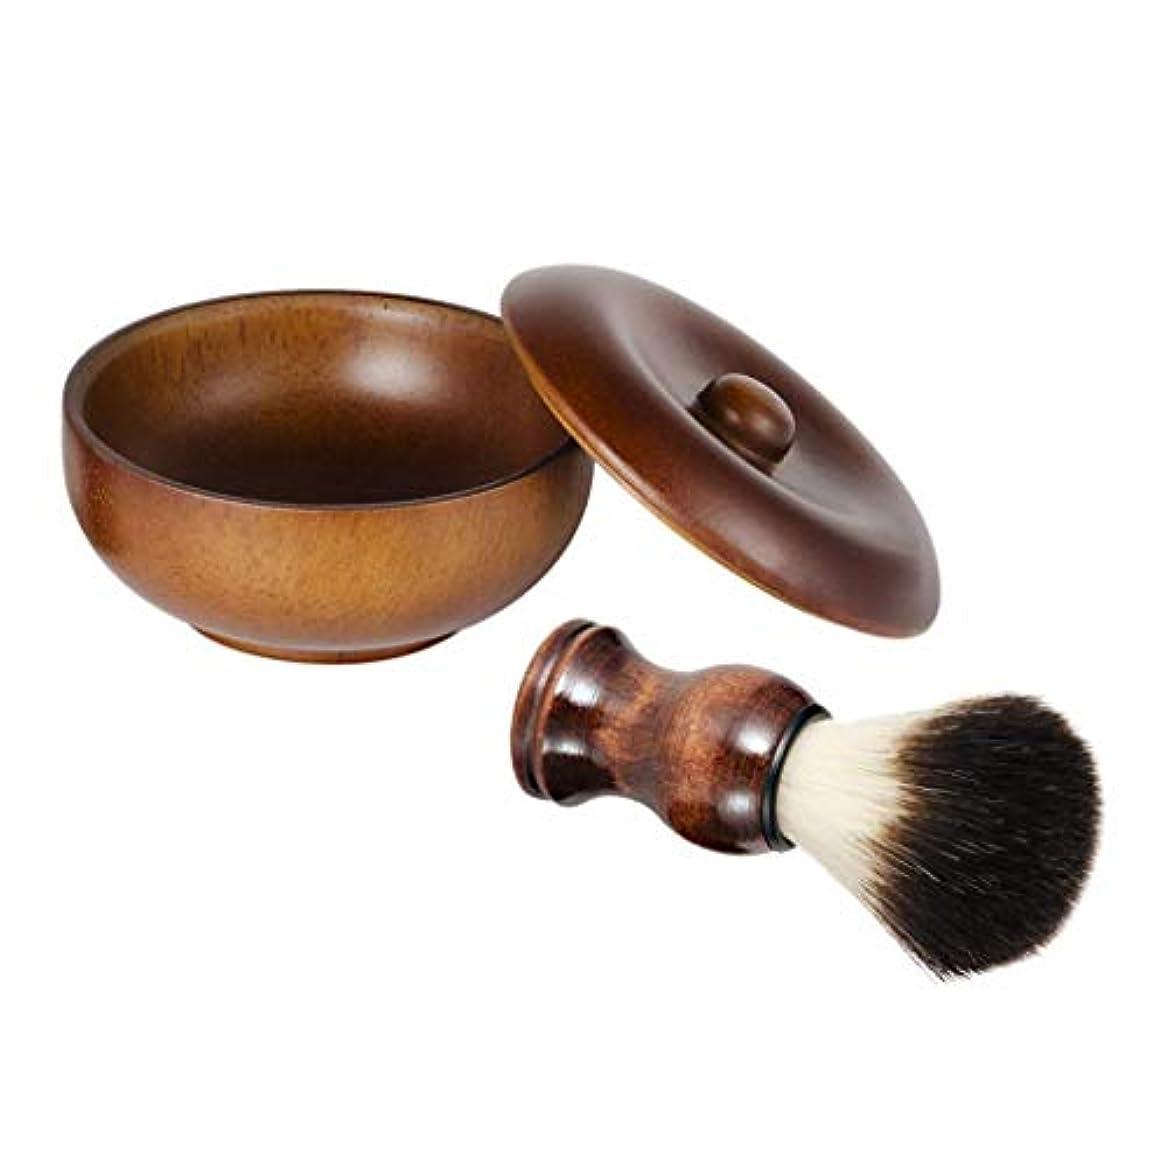 意識振る舞う連続的sharprepublic メンズ 髭剃り シェービングセット シェービングブラシ シェービング石鹸ボウル 理髪店 美容院 家庭